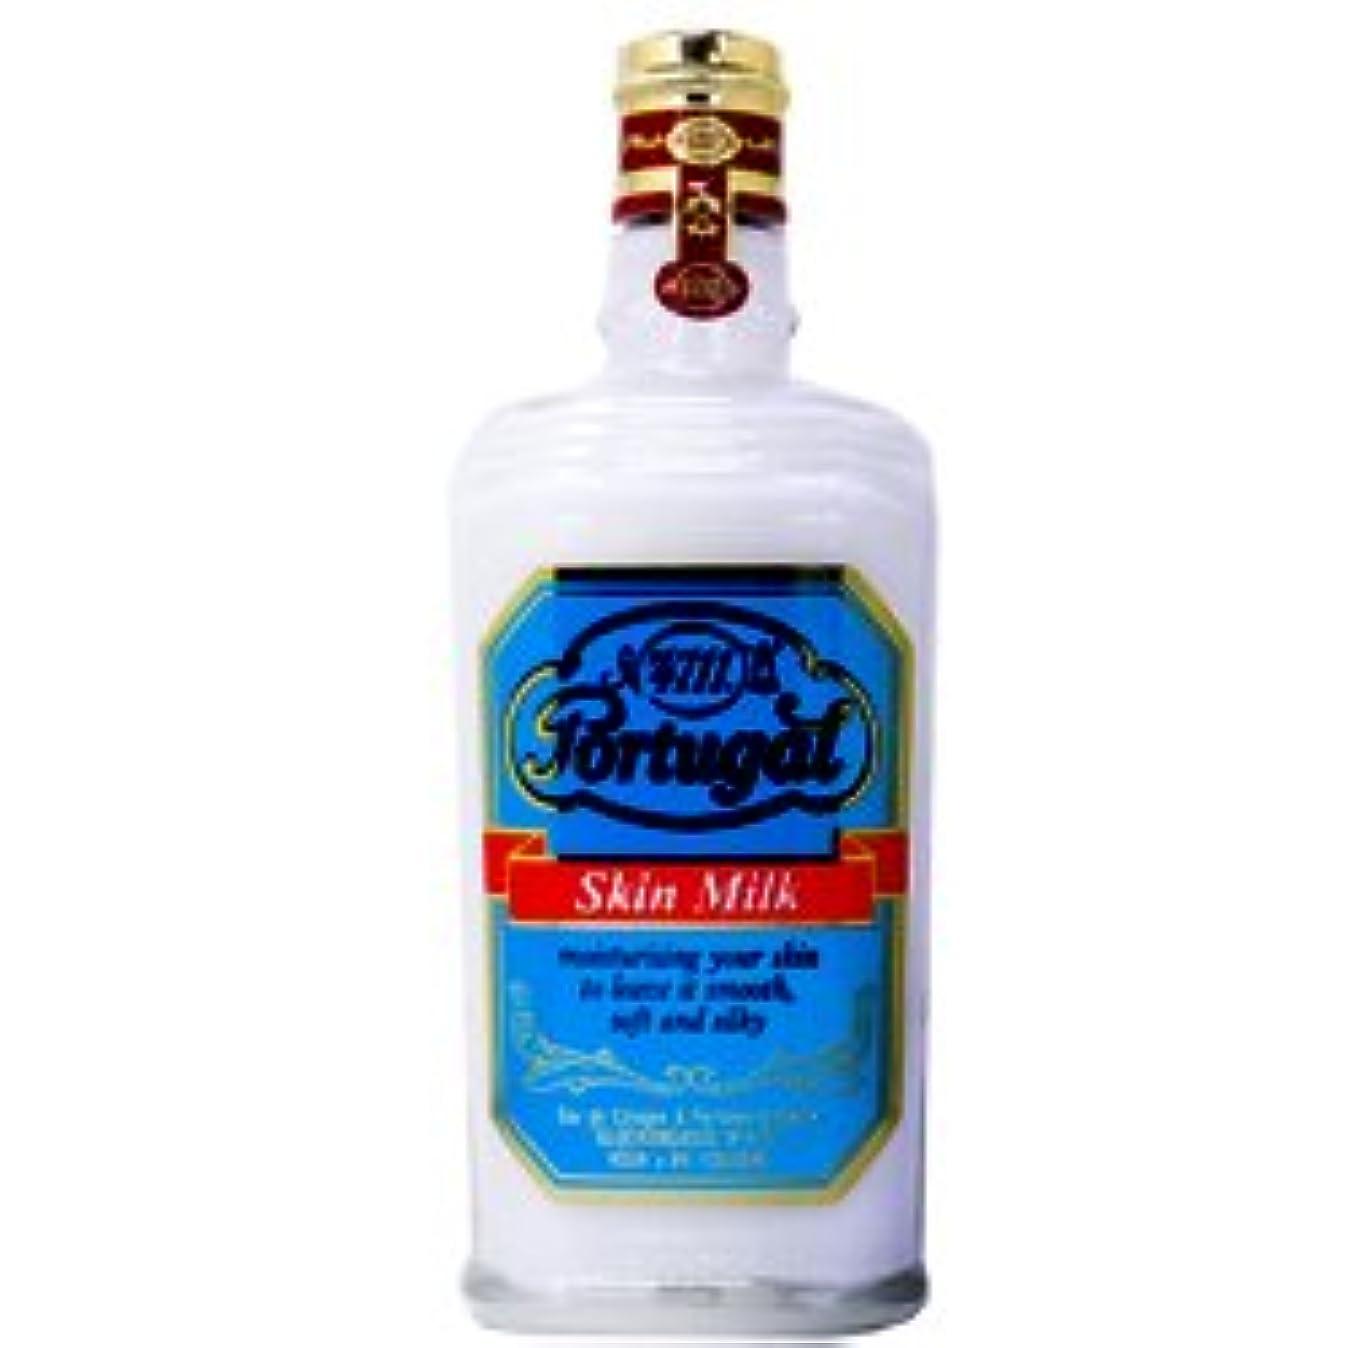 急速な侵入逃す柳屋 4711 ポーチュガル スキンミルク (乳液) 150mL